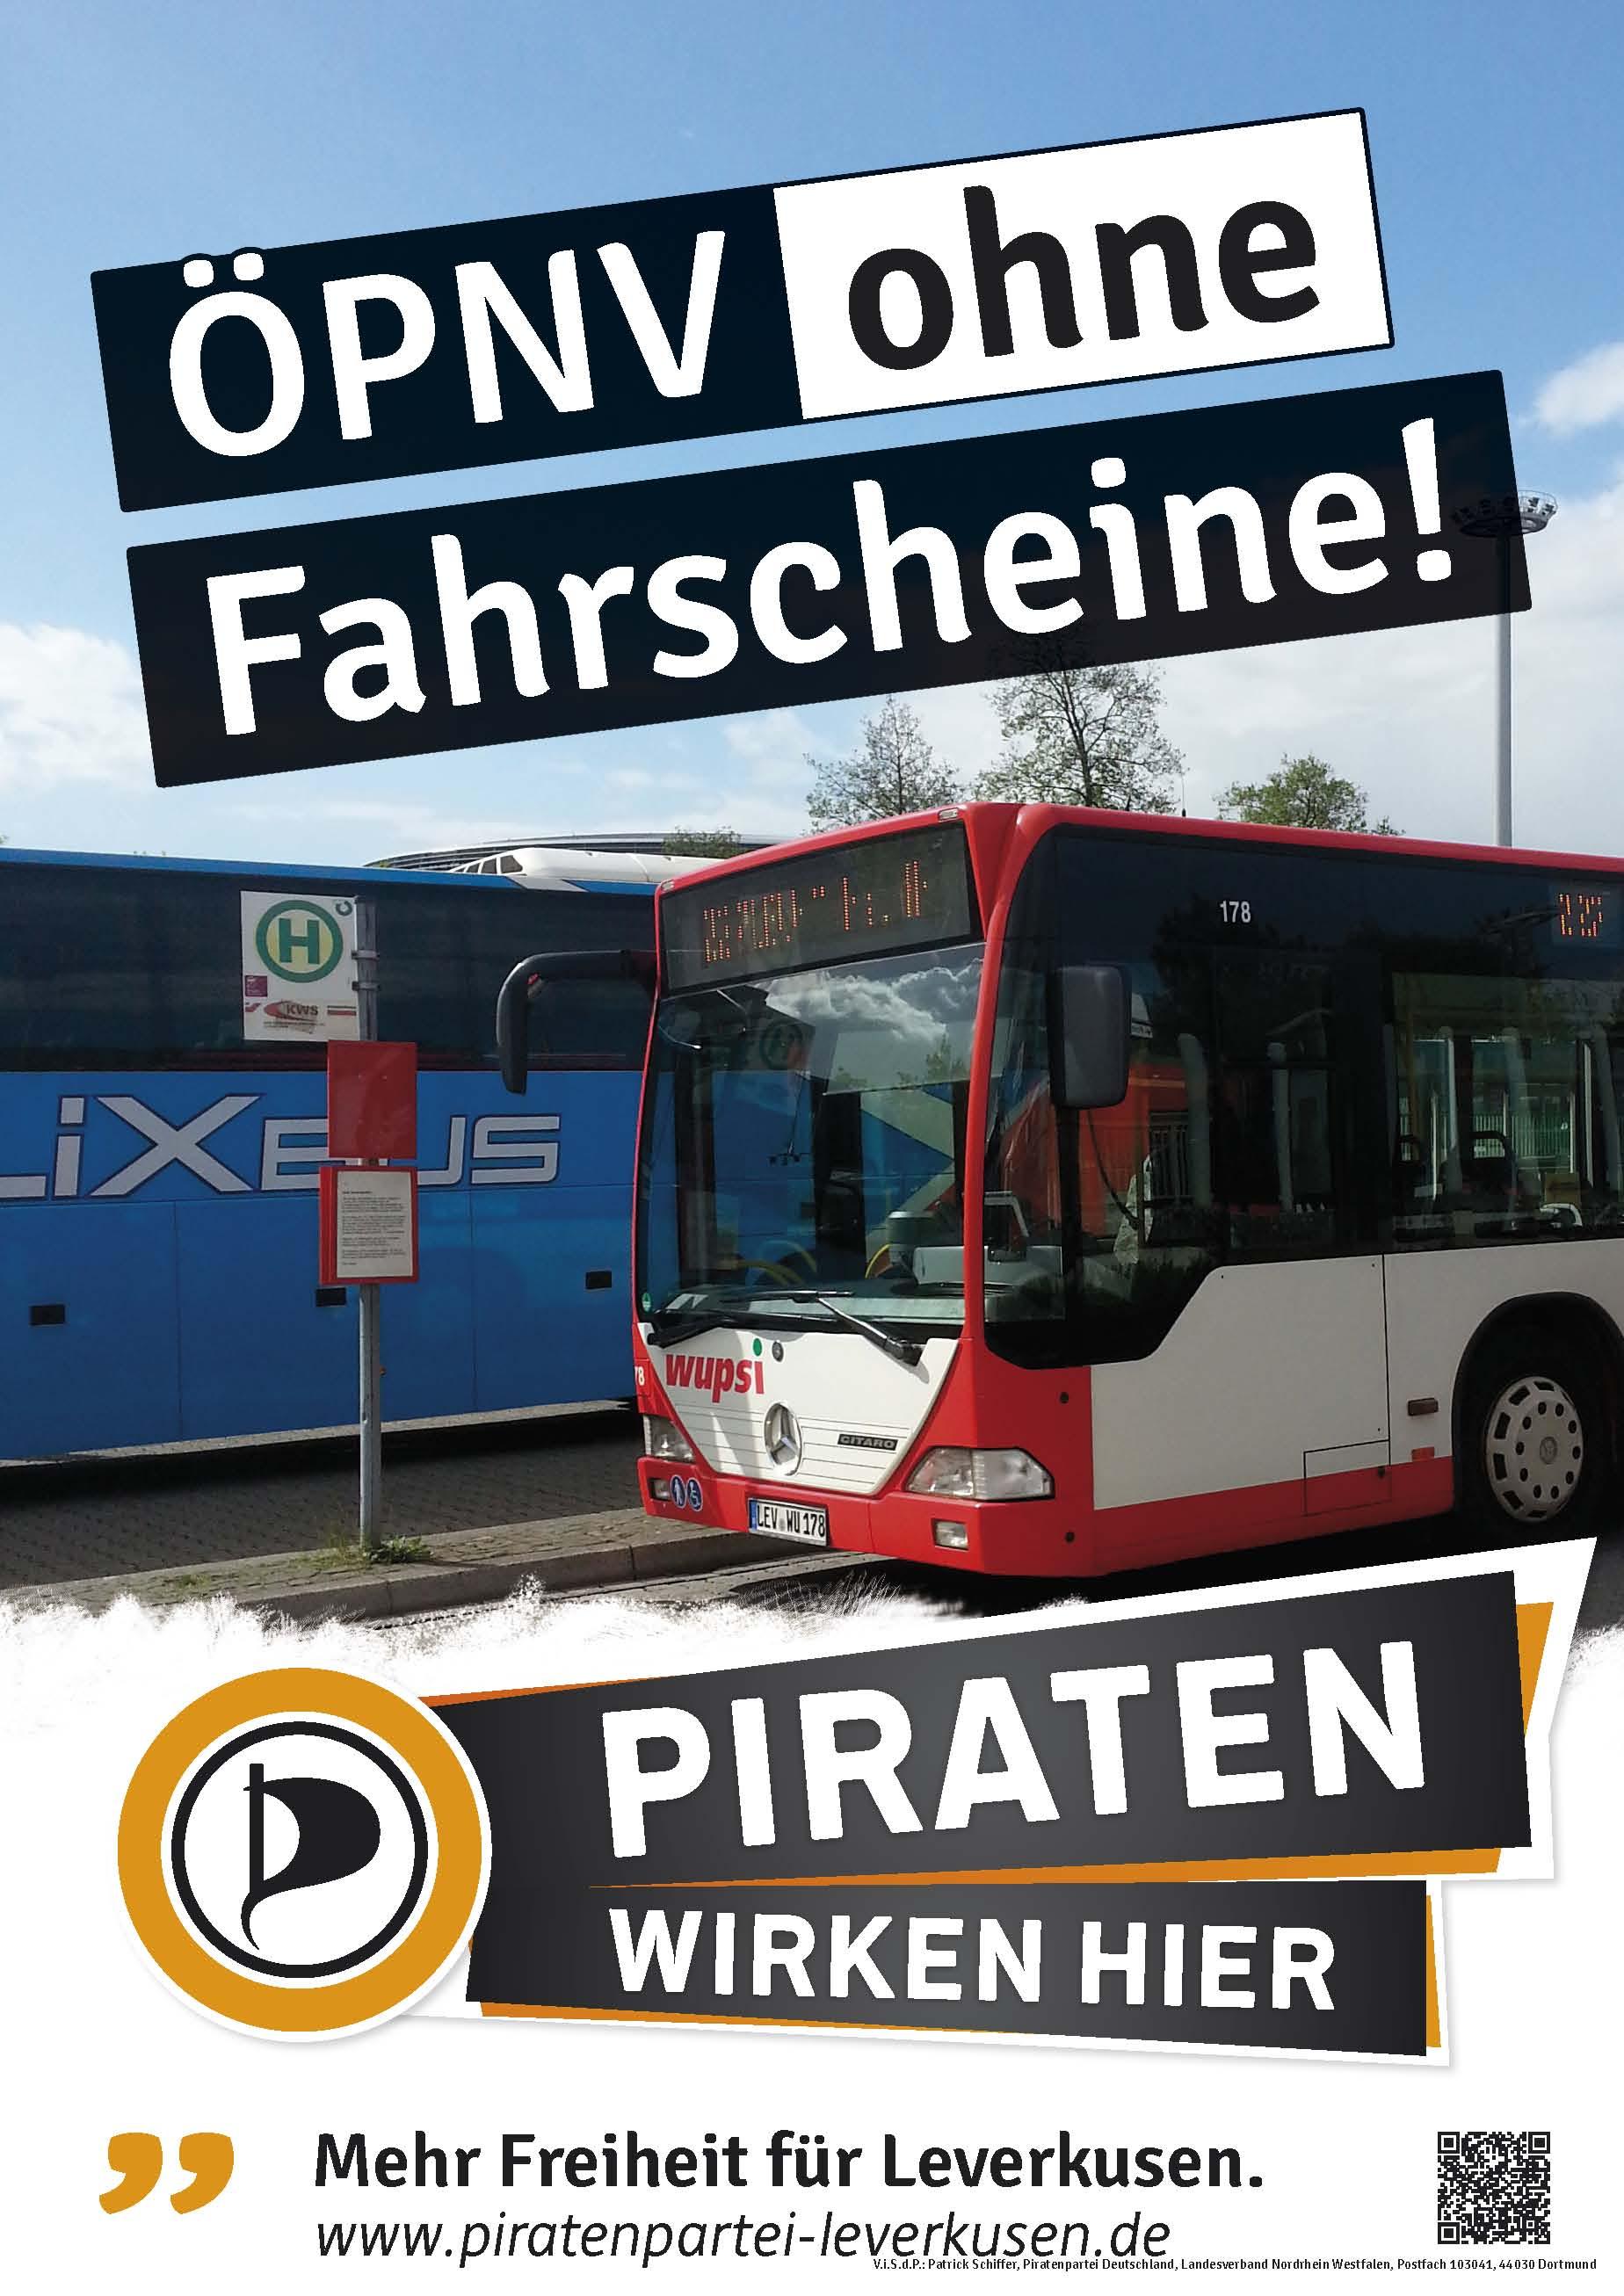 Thematisch passendes Wahlplakat aus Leverkusen.